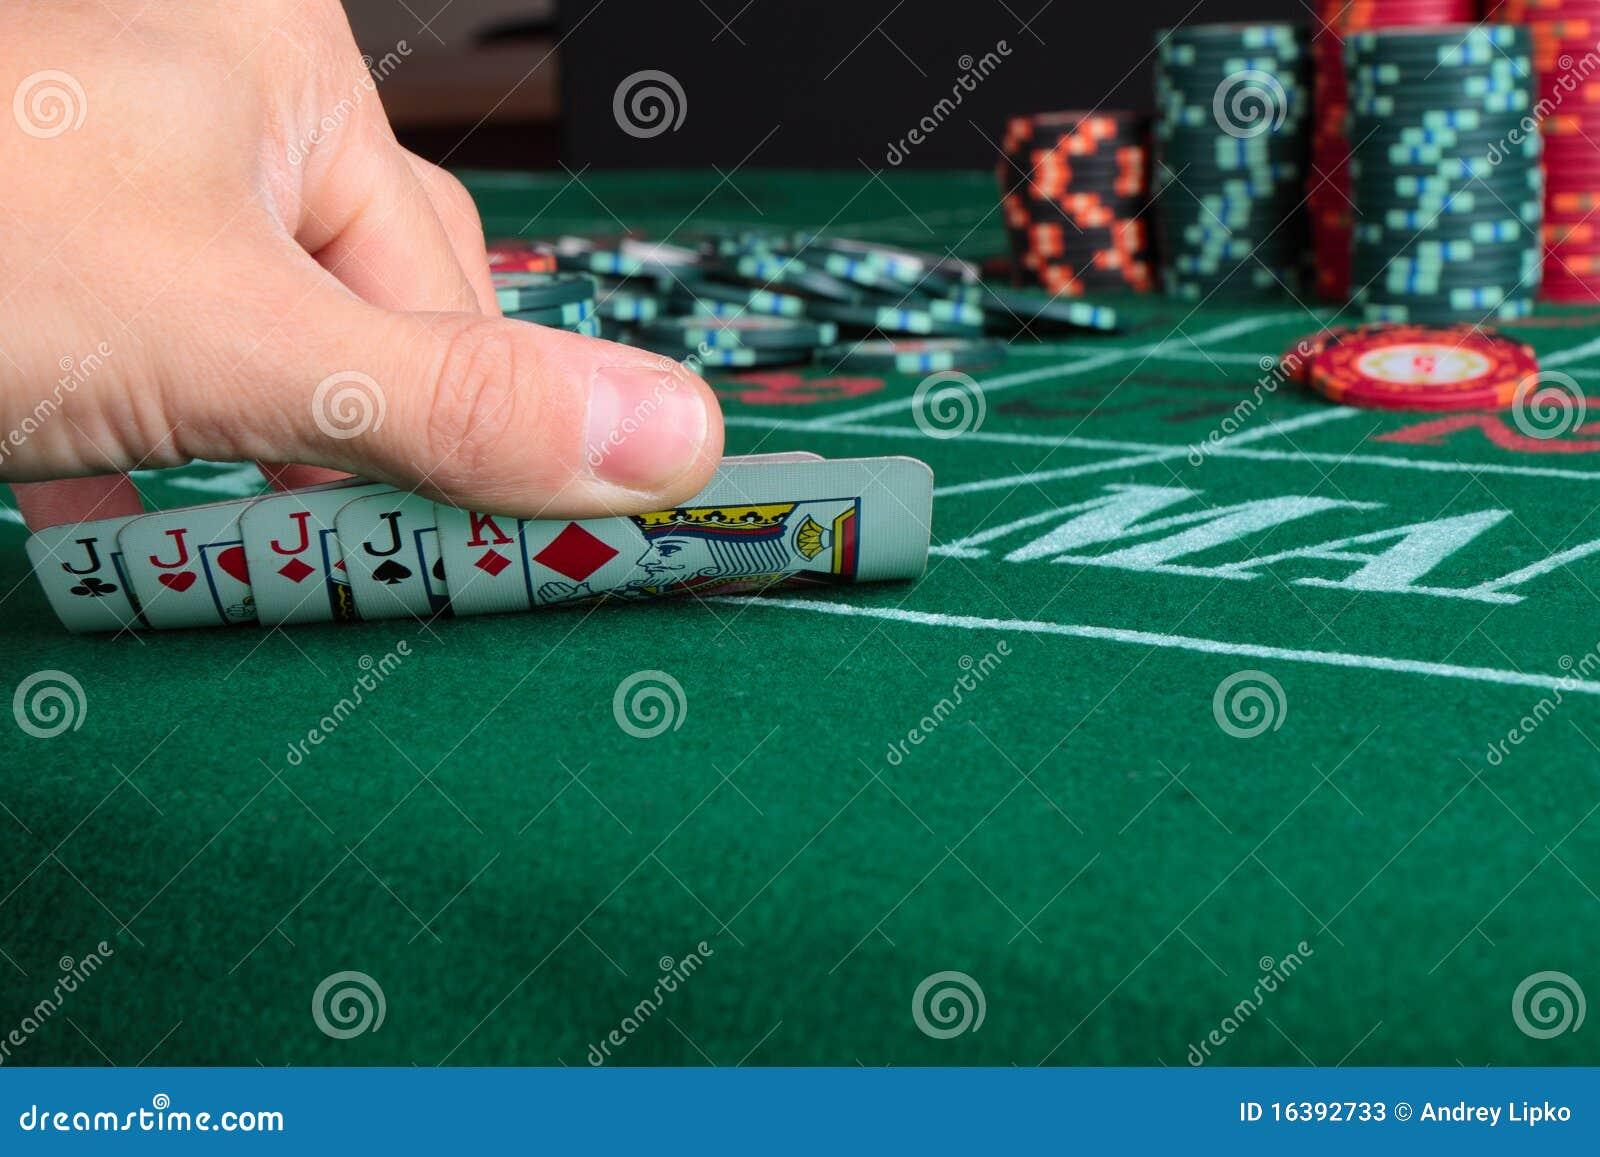 winning hand poker room woodhaven